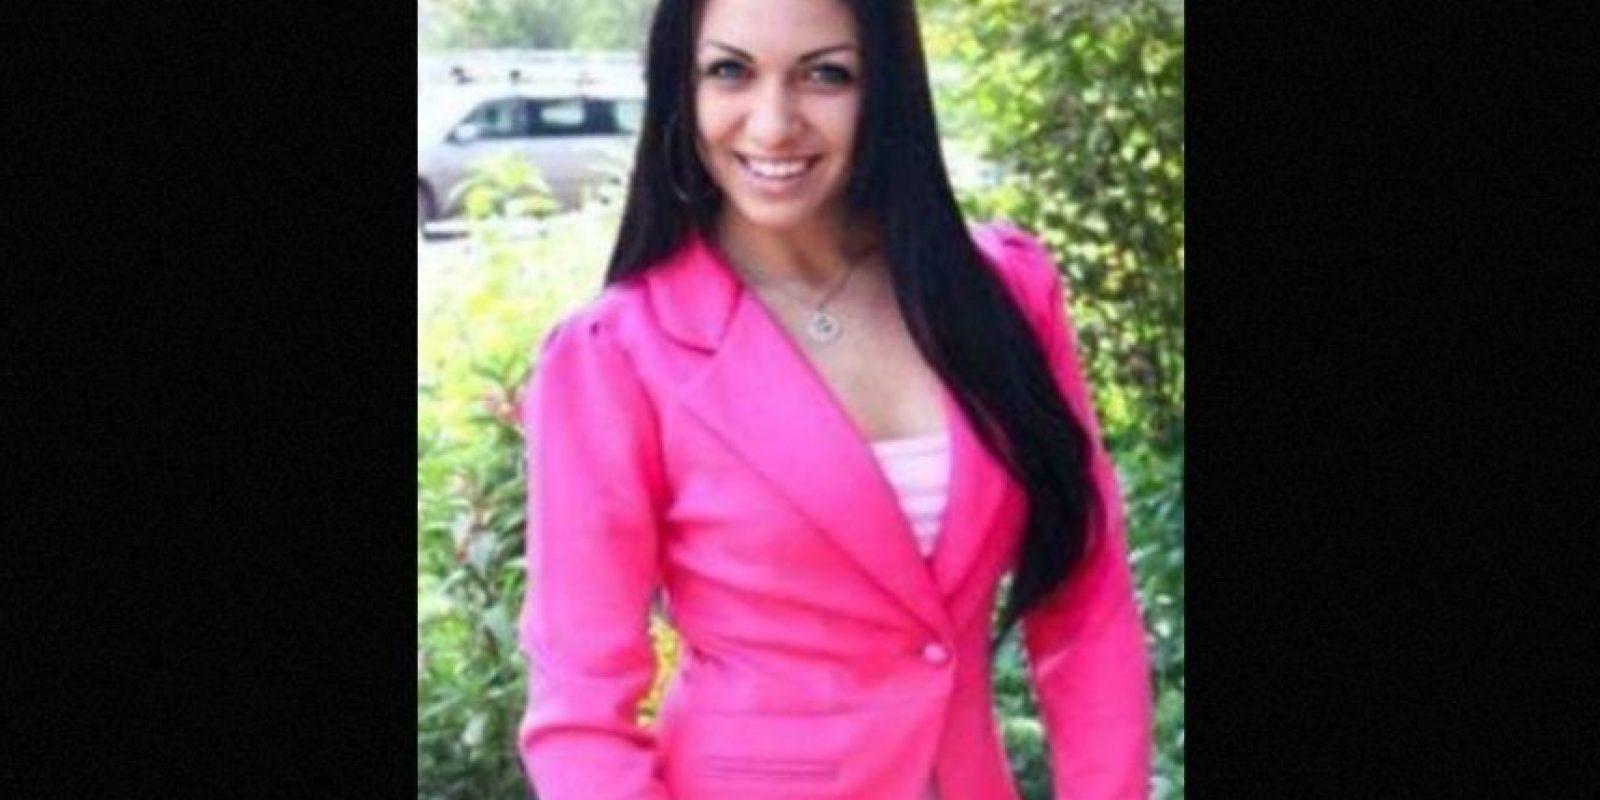 Esta rusa llamada Shatuniha vendió su virginidad en 27 mil 950 dólares. Foto:Twitter